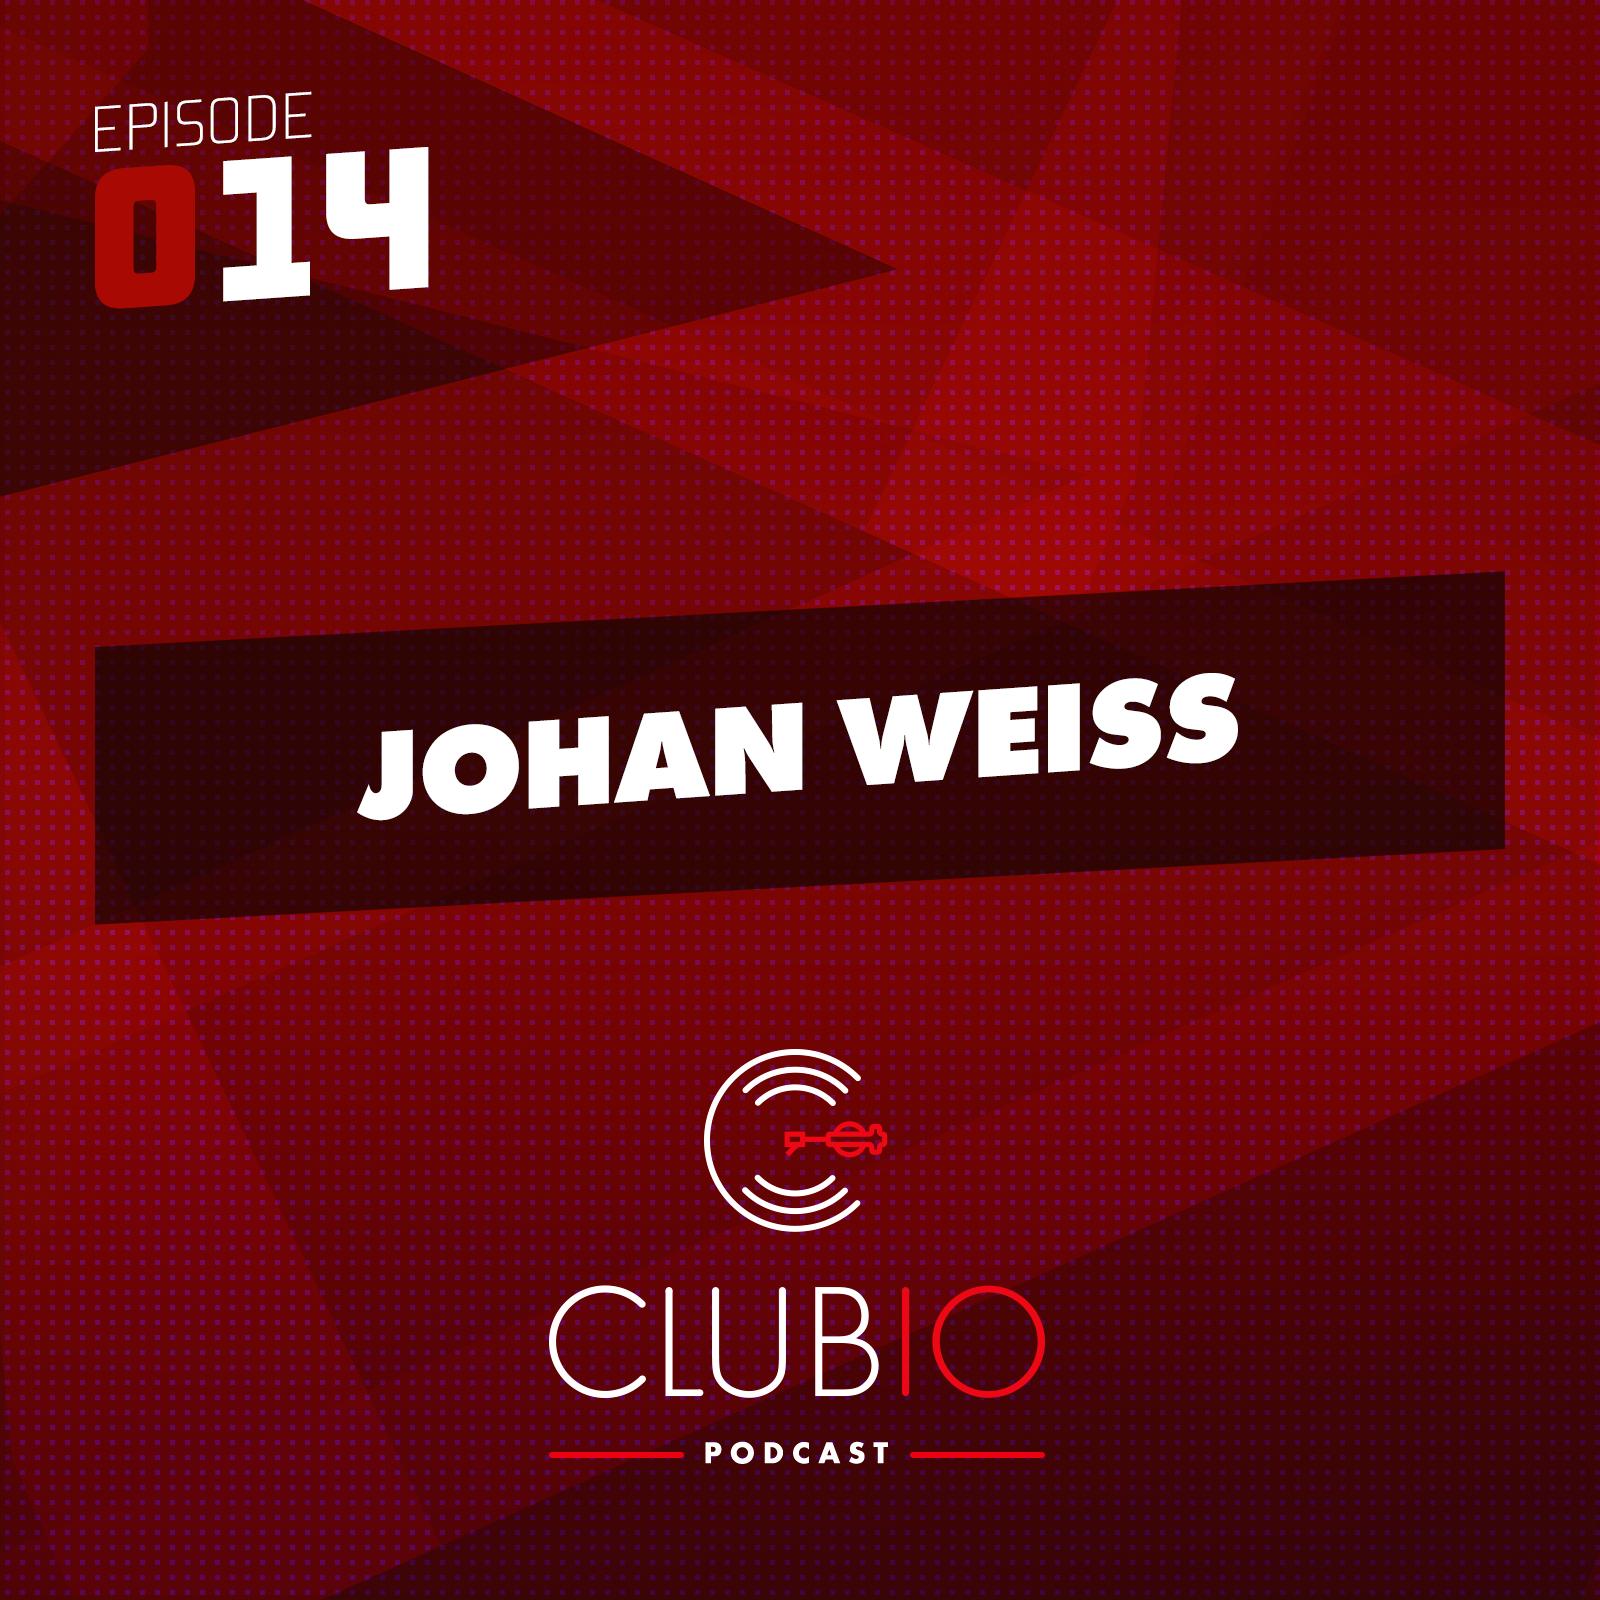 Clubio Podcast 014 - Johan Weiss